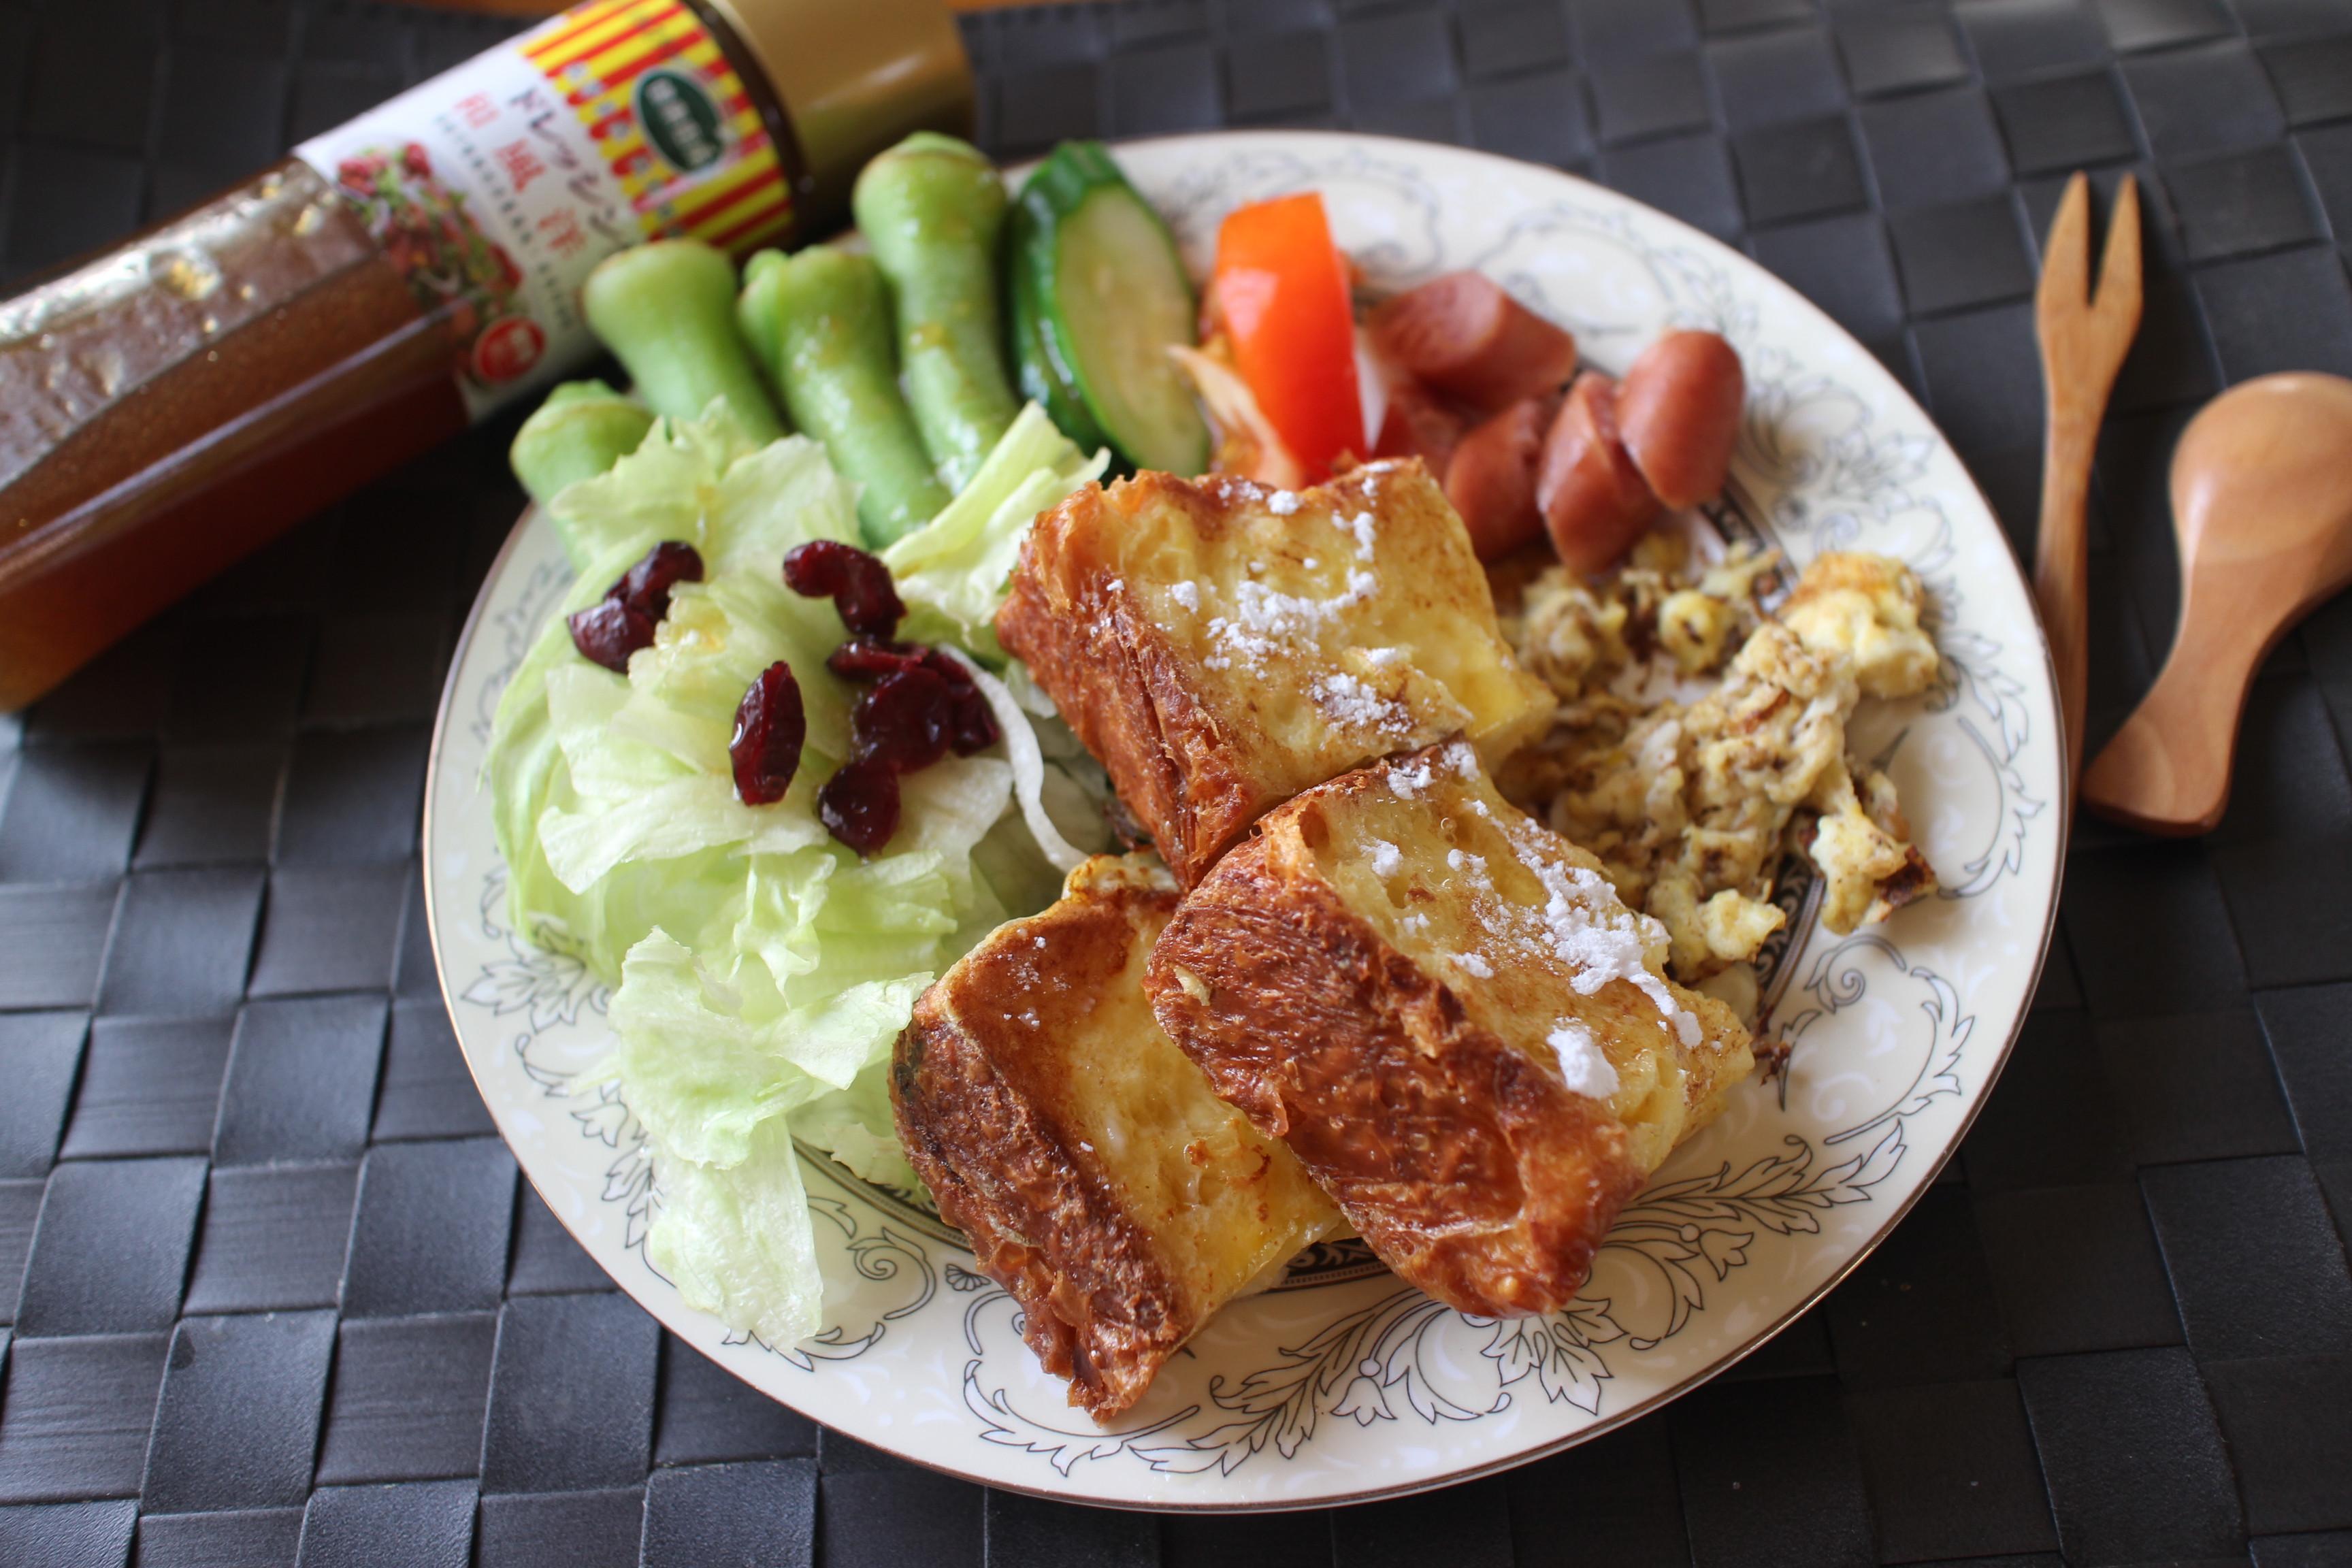 【健康廚房】法式土司佐洋蔥醬沙拉